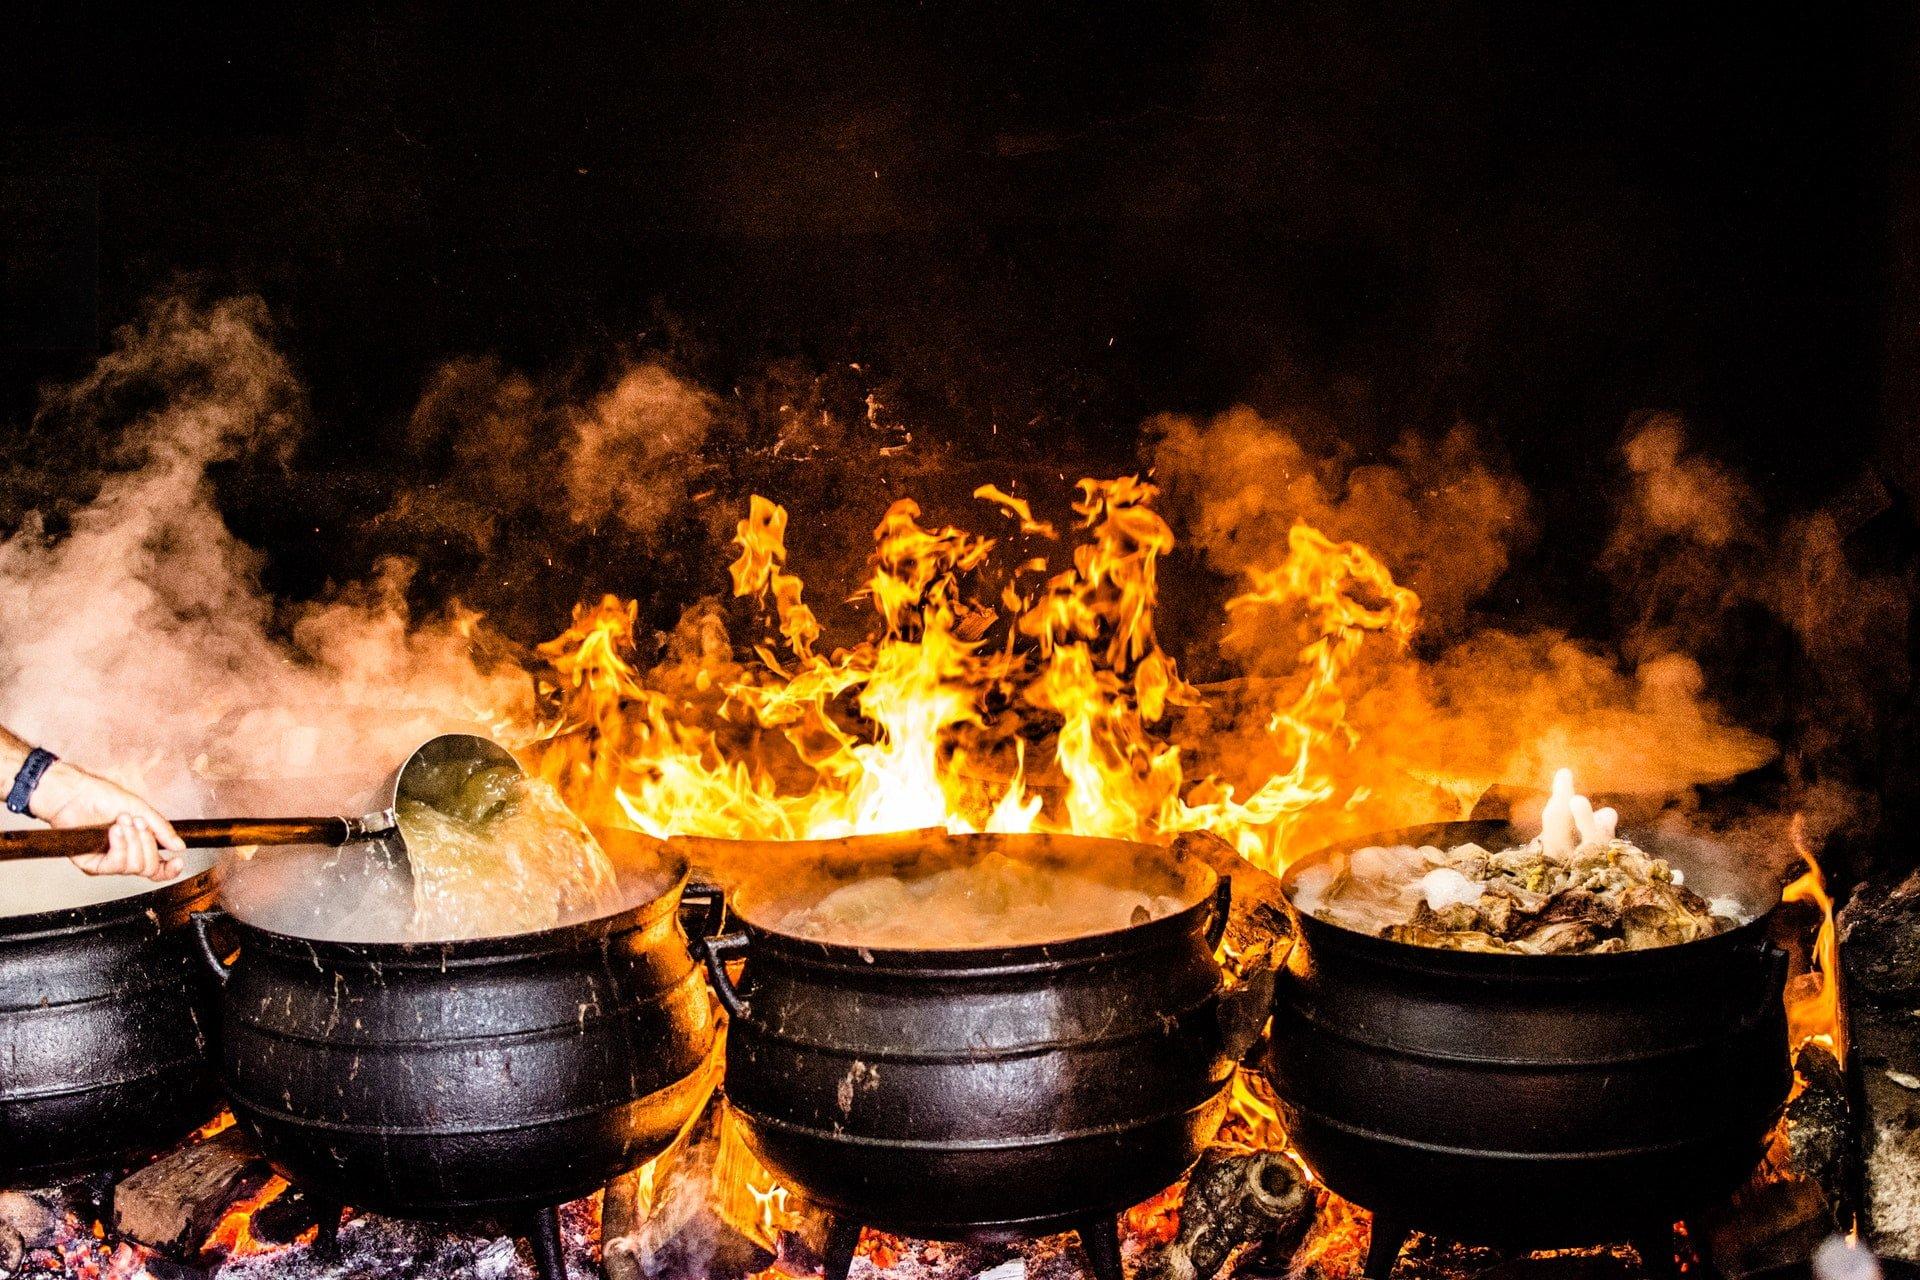 Hot Pot black metal cooking wares food kitchen chef 魚丸、貢丸、天婦羅加工食品營養成分(火鍋料)